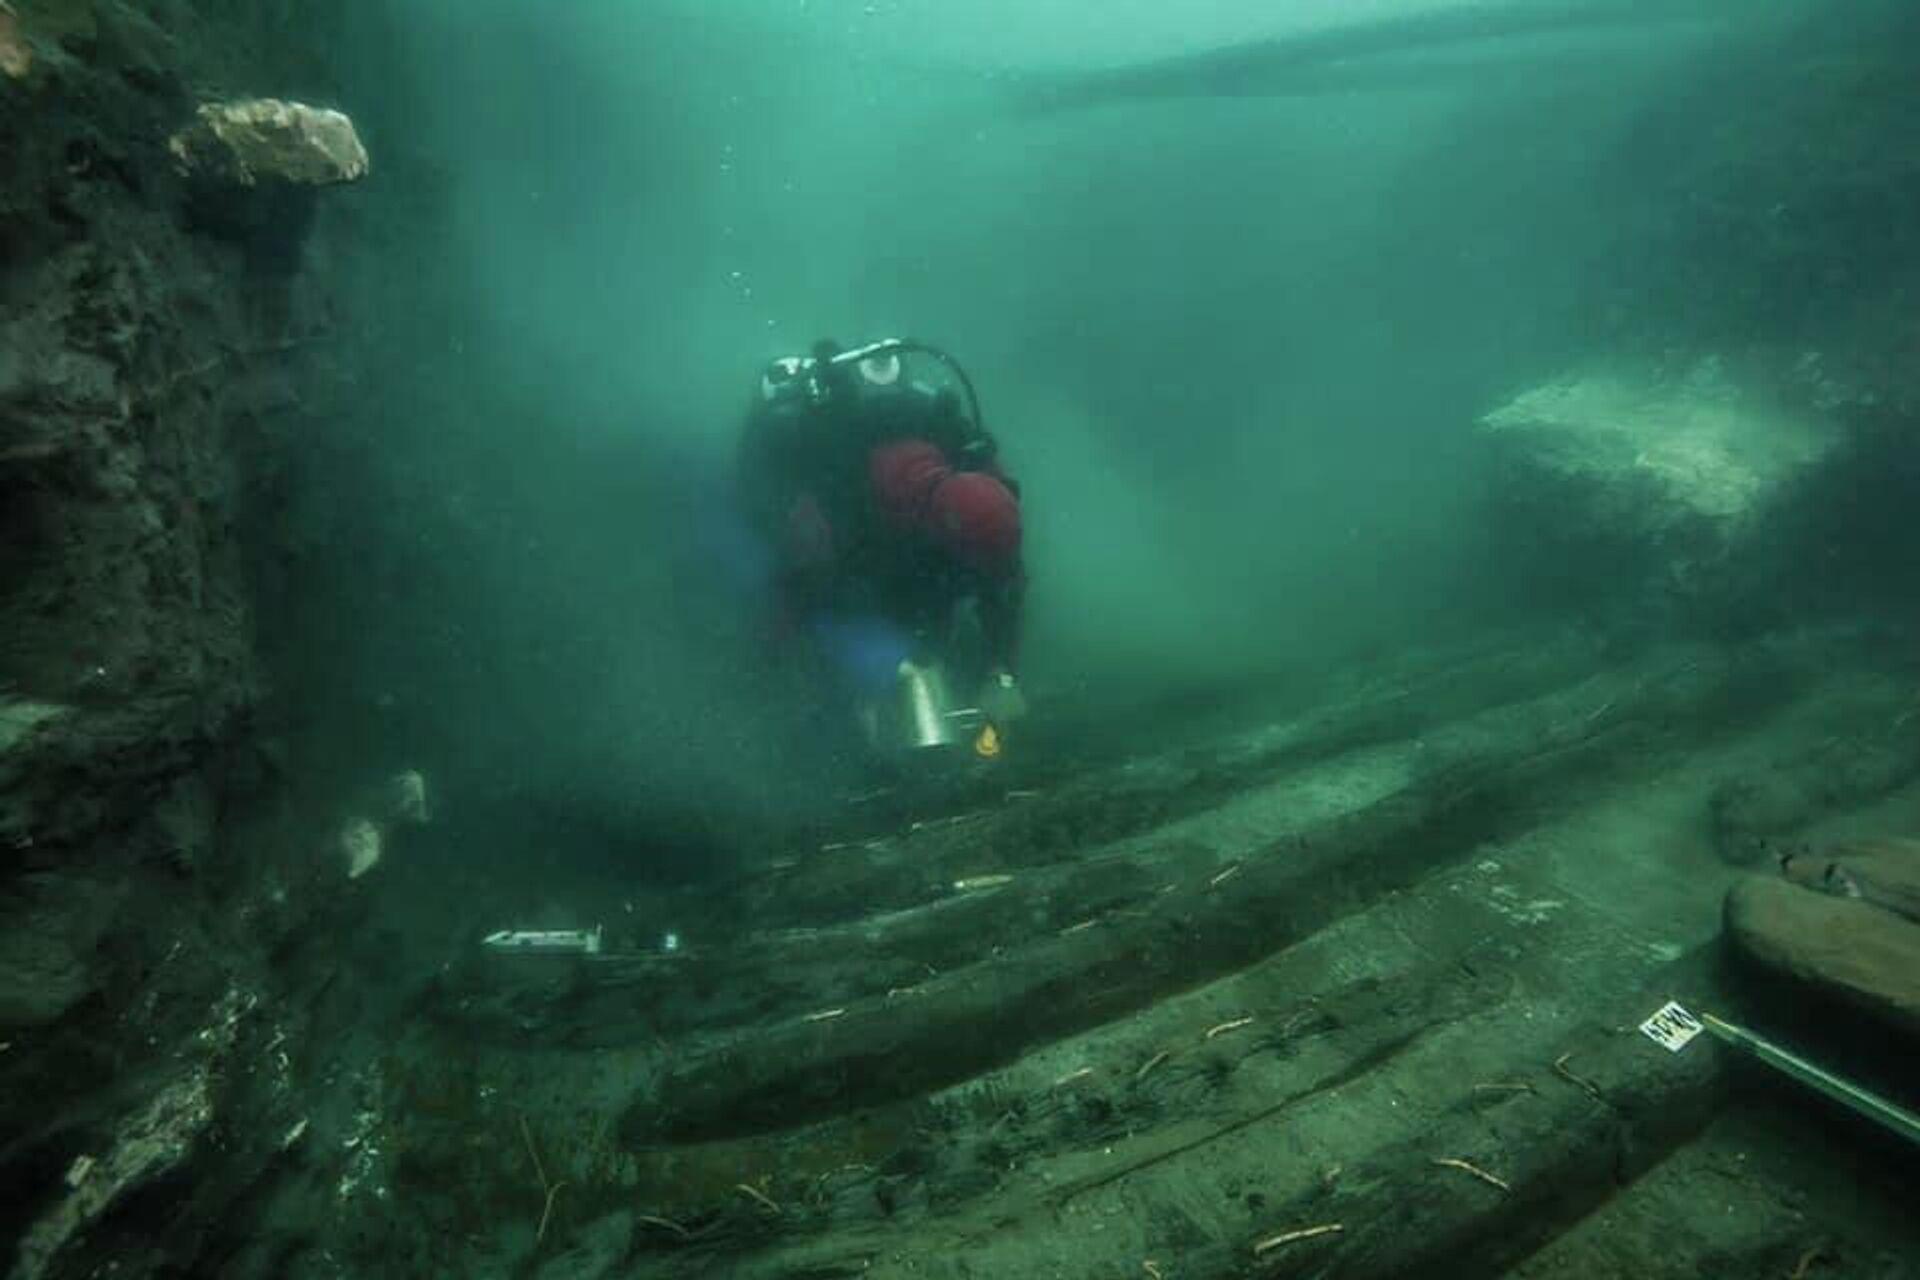 Египетско-французская археологическая экспедиция обнаружила обломки военного корабля в заливе Абу-Кир - РИА Новости, 1920, 20.07.2021